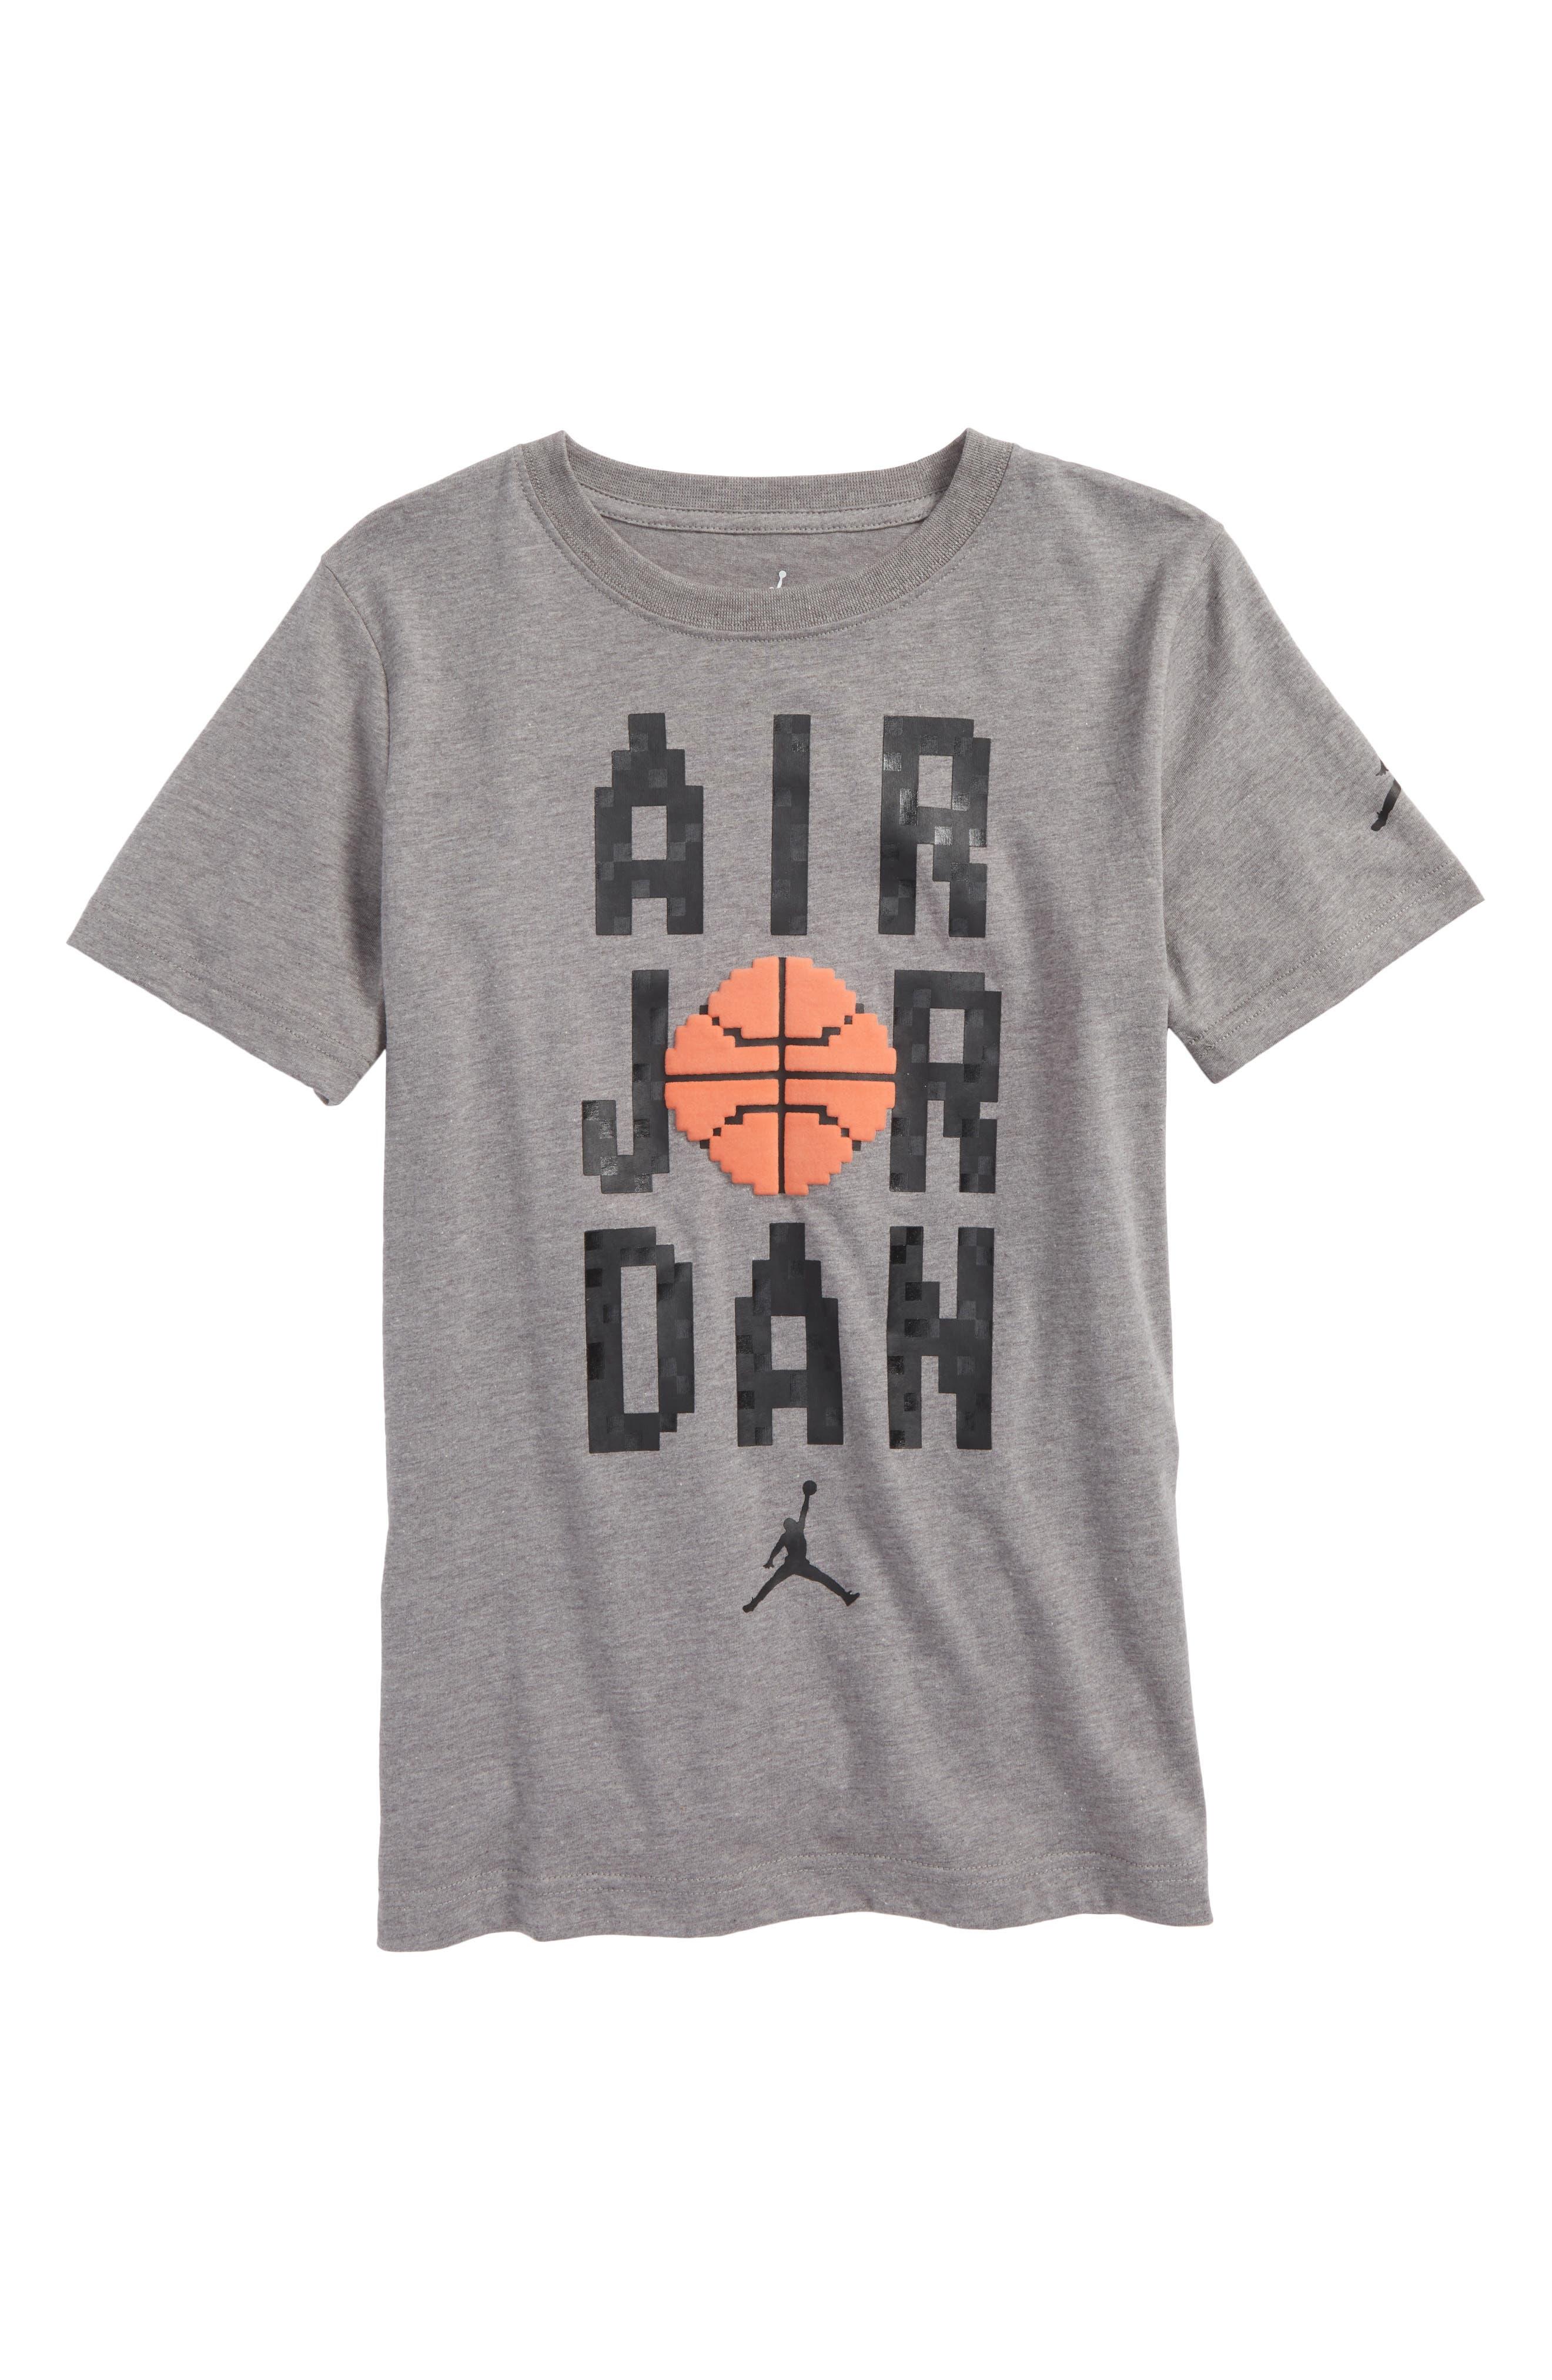 Main Image - Jordan Pixel Pack Wordmark T-Shirt (Big Boys)